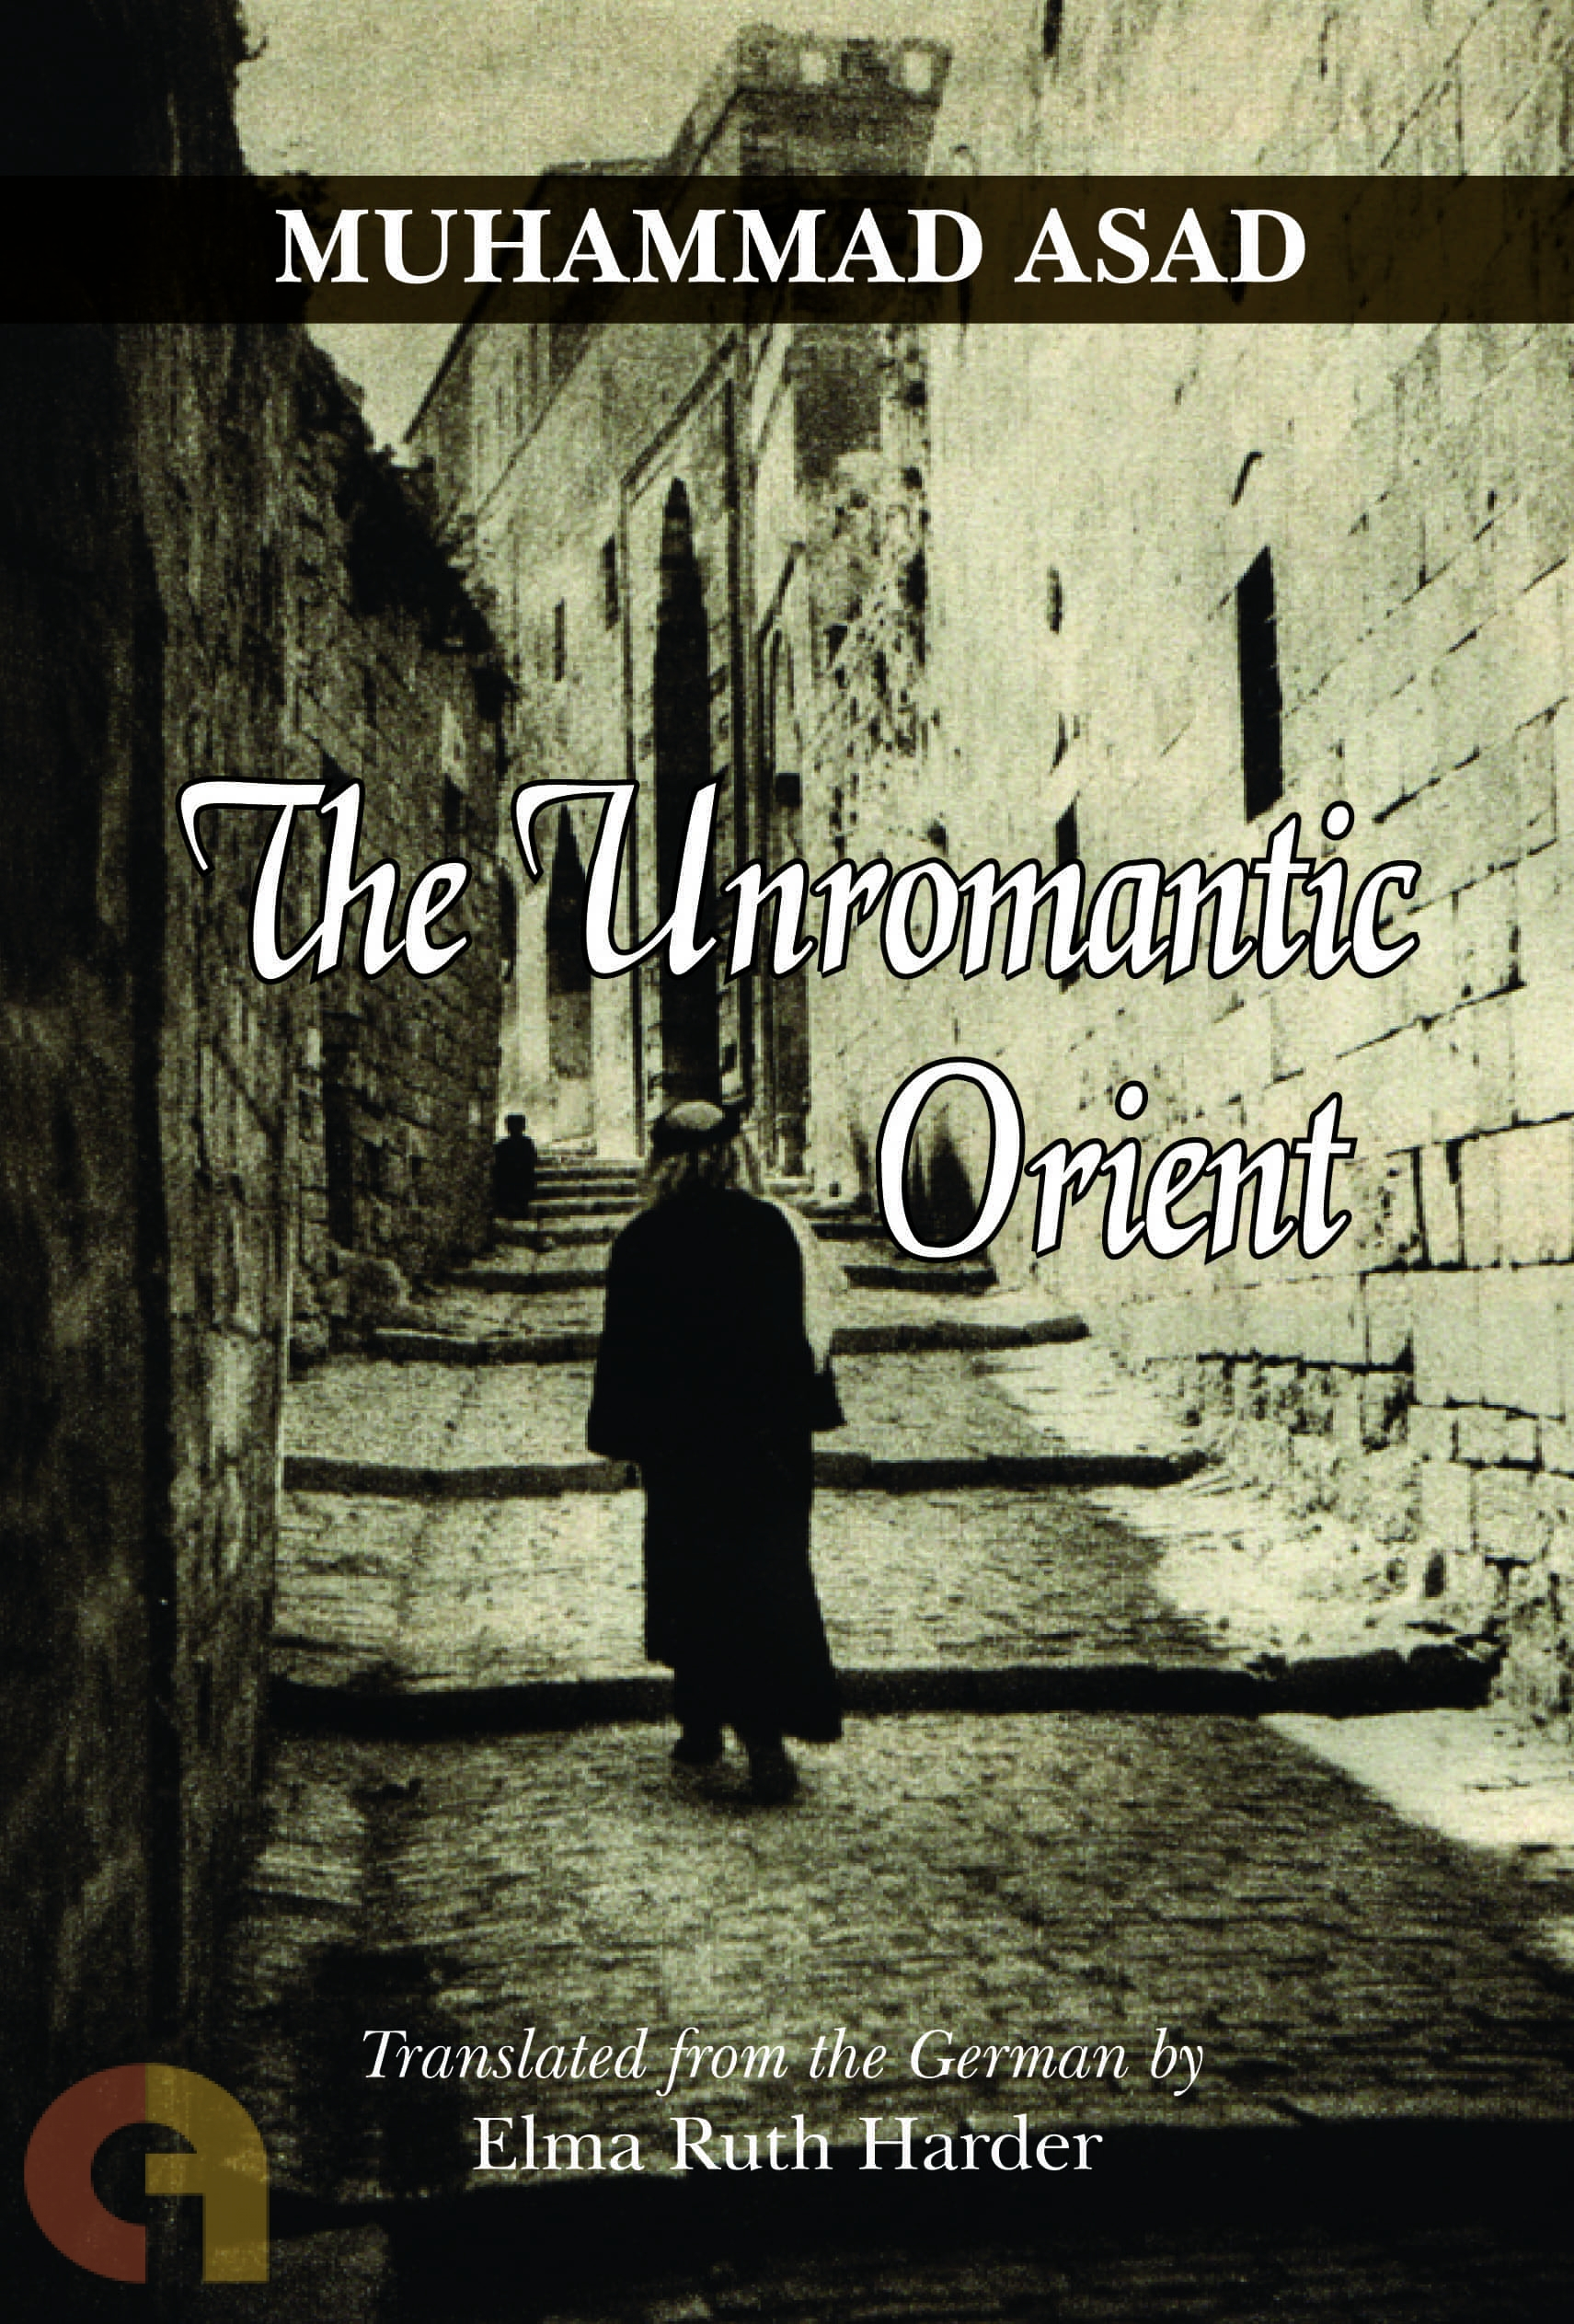 The Unromantic Orient